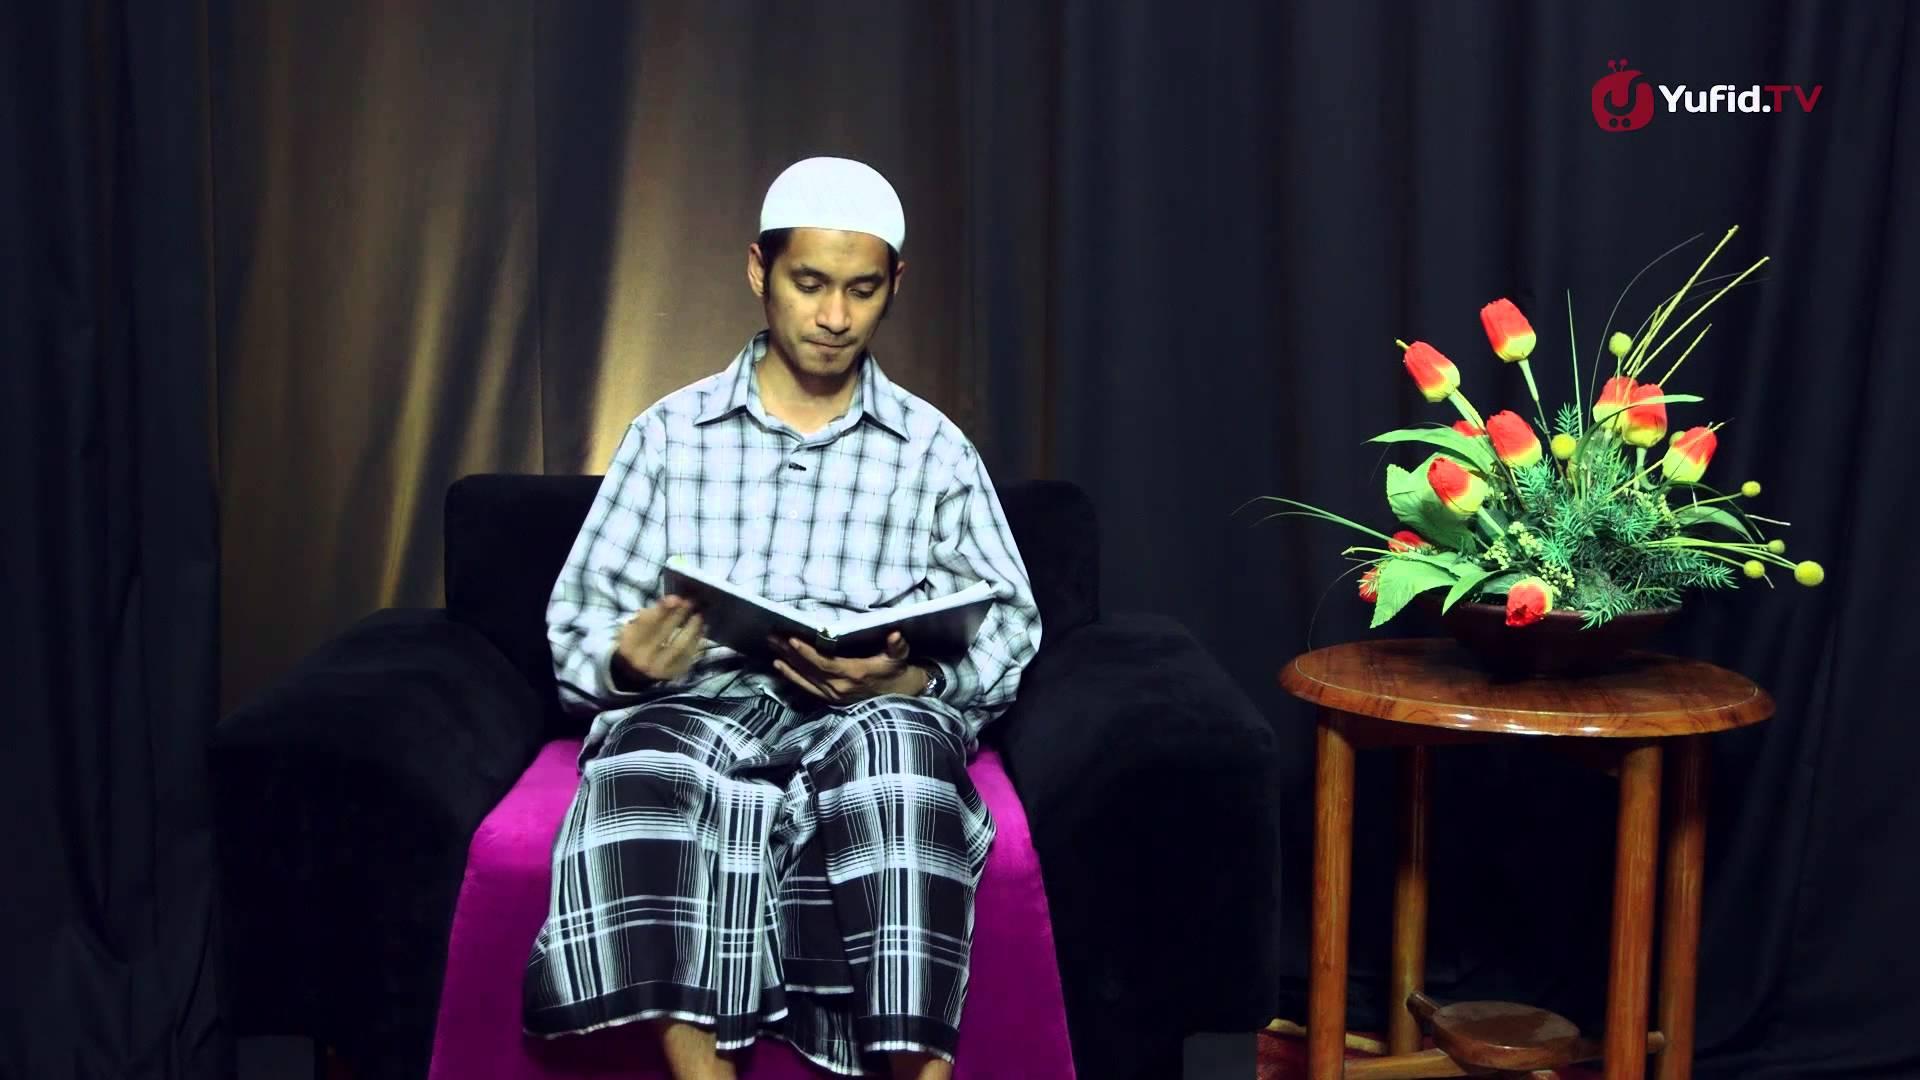 serial-kultum-ramadhan-berhubungan-suami-istri-di-siang-bulan-ramadhan